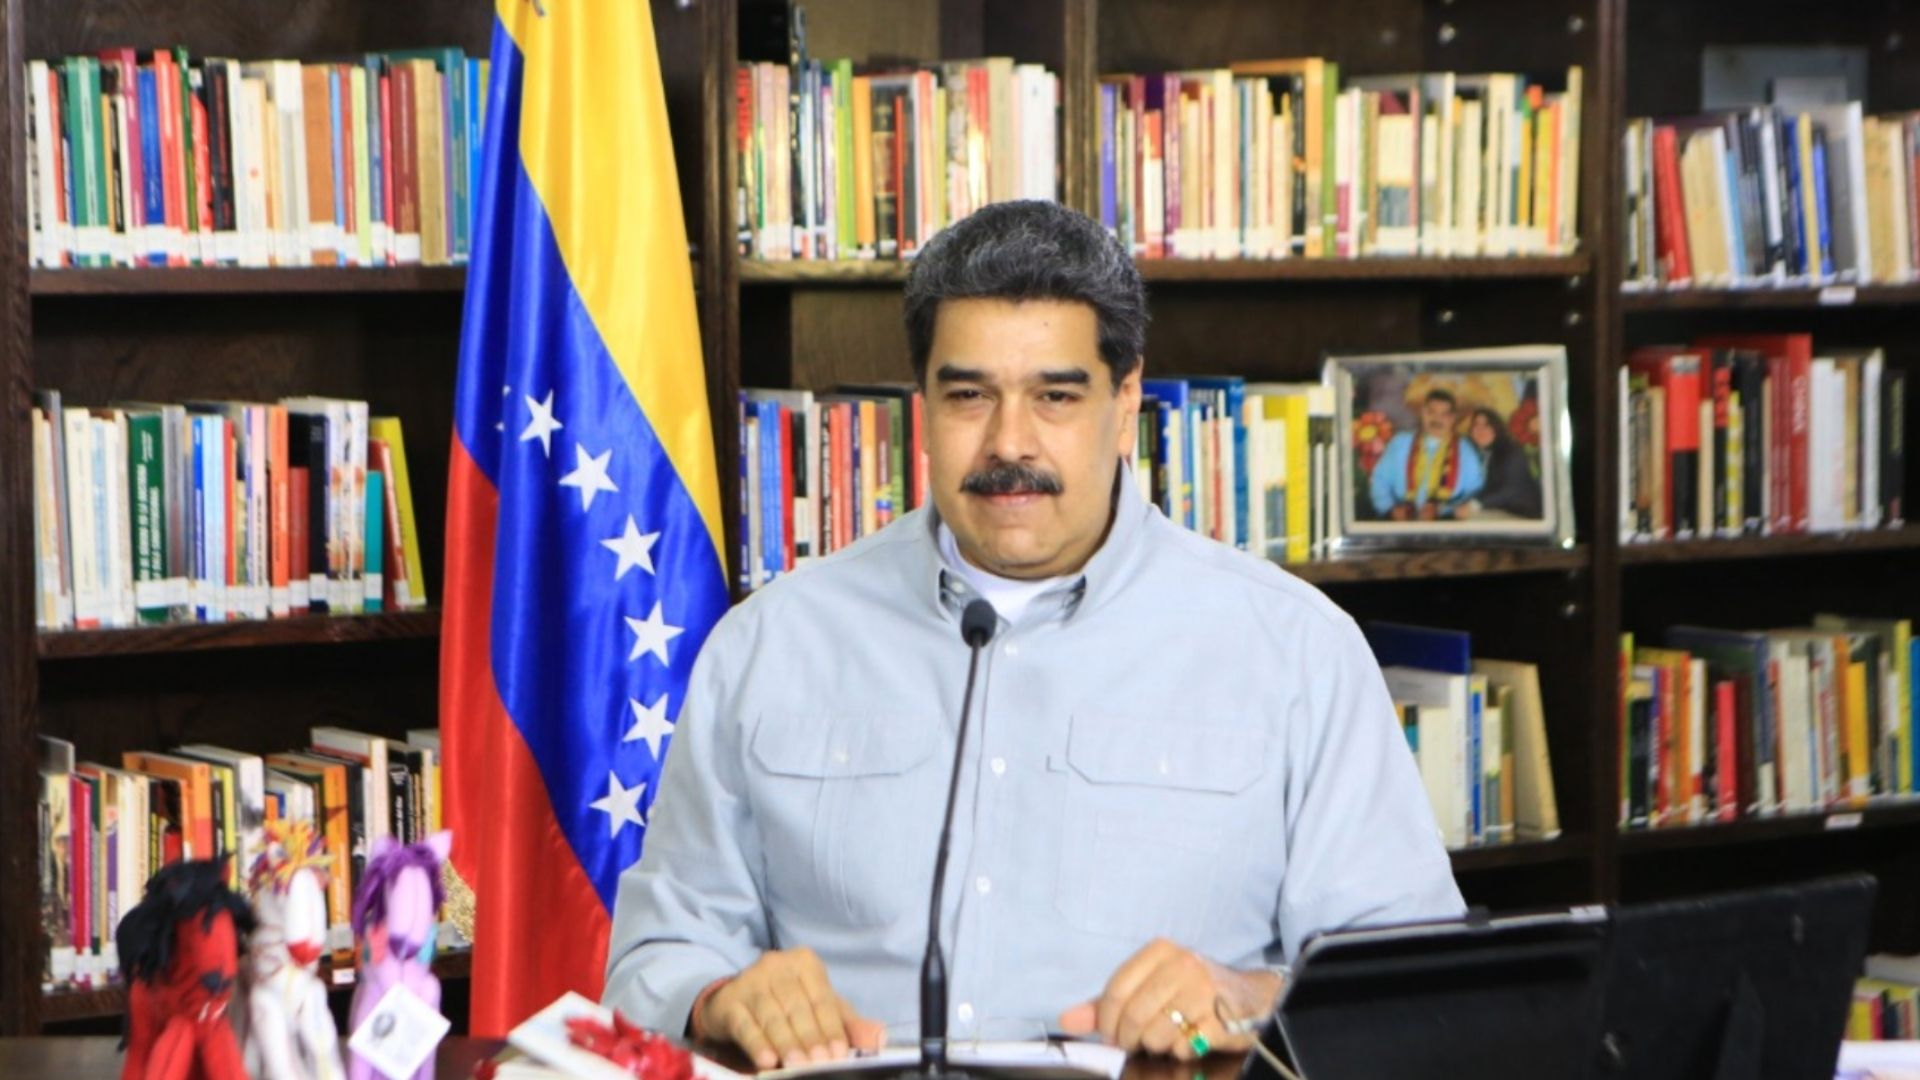 Estamos produciendo toda la gasolina que Venezuela necesita y otras 9 perlas de Maduro #20Nov